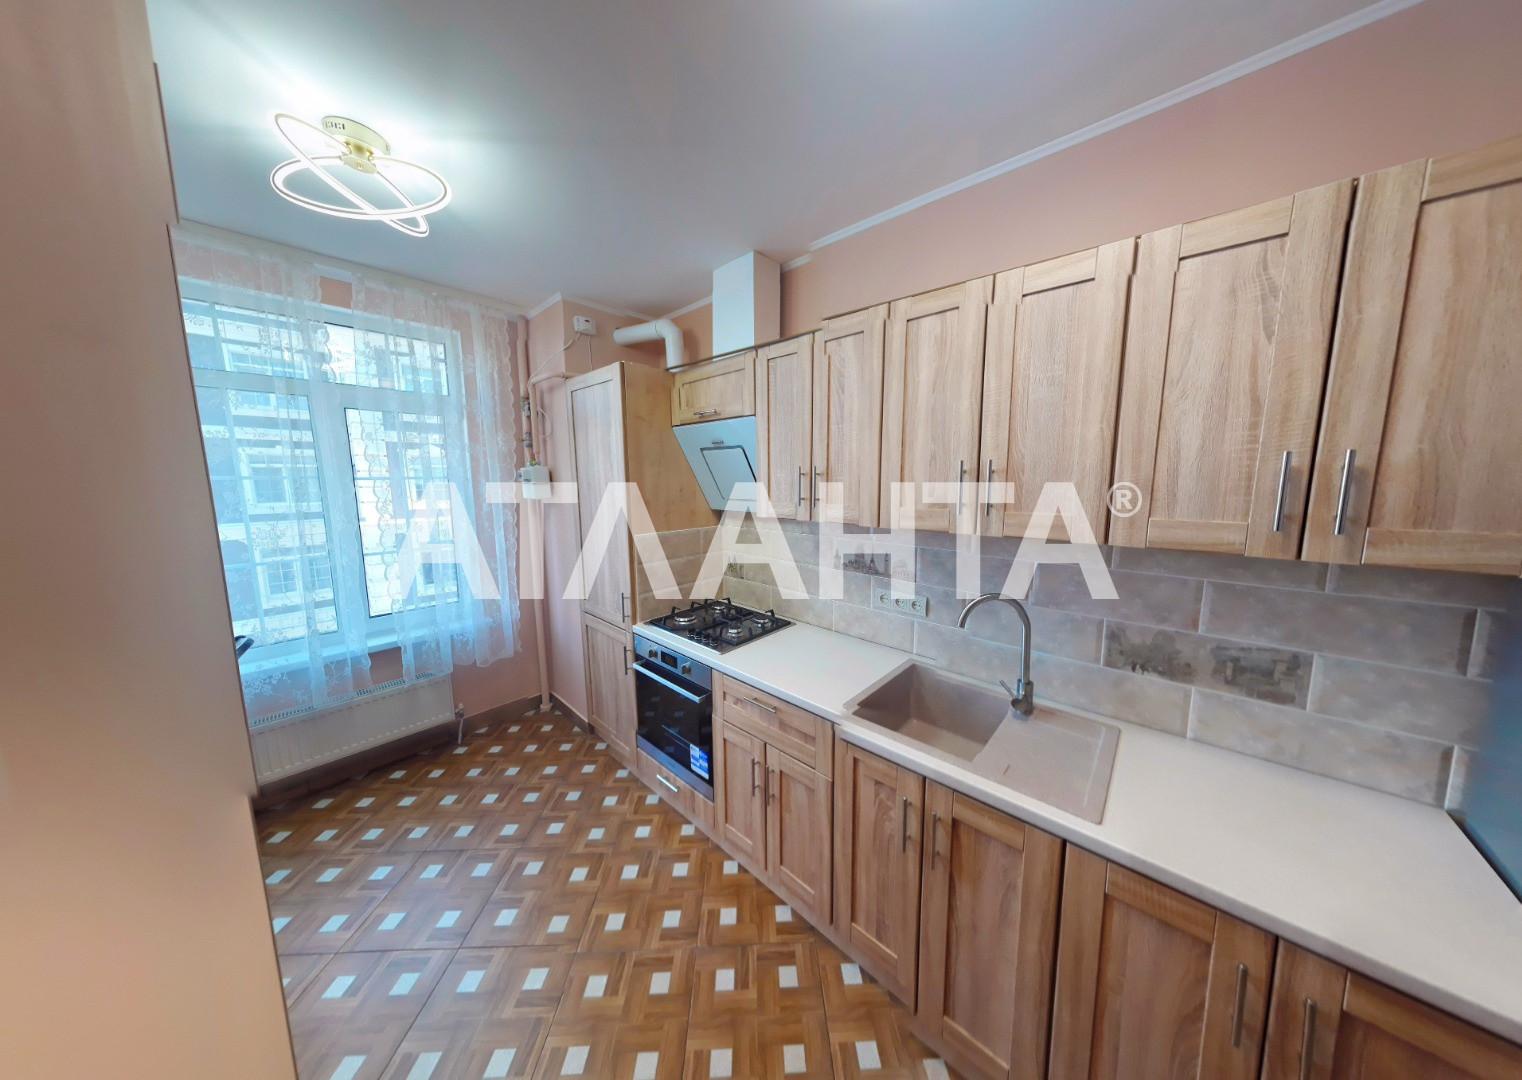 Продается 1-комнатная Квартира на ул. Ул. Луценко Дмитрия — 58 000 у.е. (фото №11)